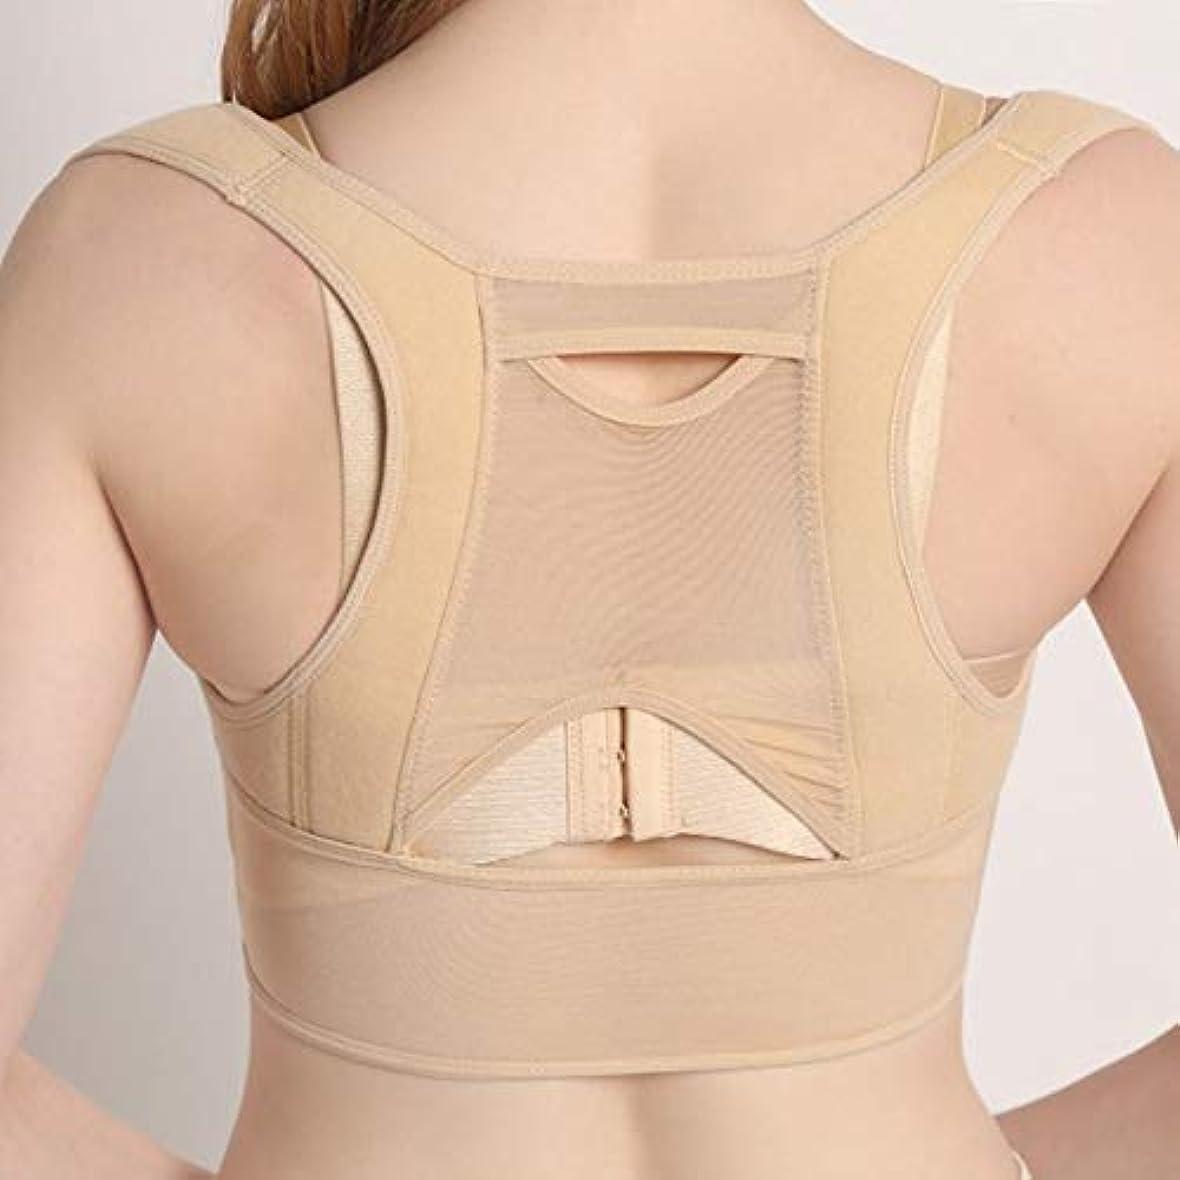 第二はげますます通気性のある女性の背中の姿勢矯正コルセット整形外科の肩の背骨の背骨の姿勢矯正腰椎サポート